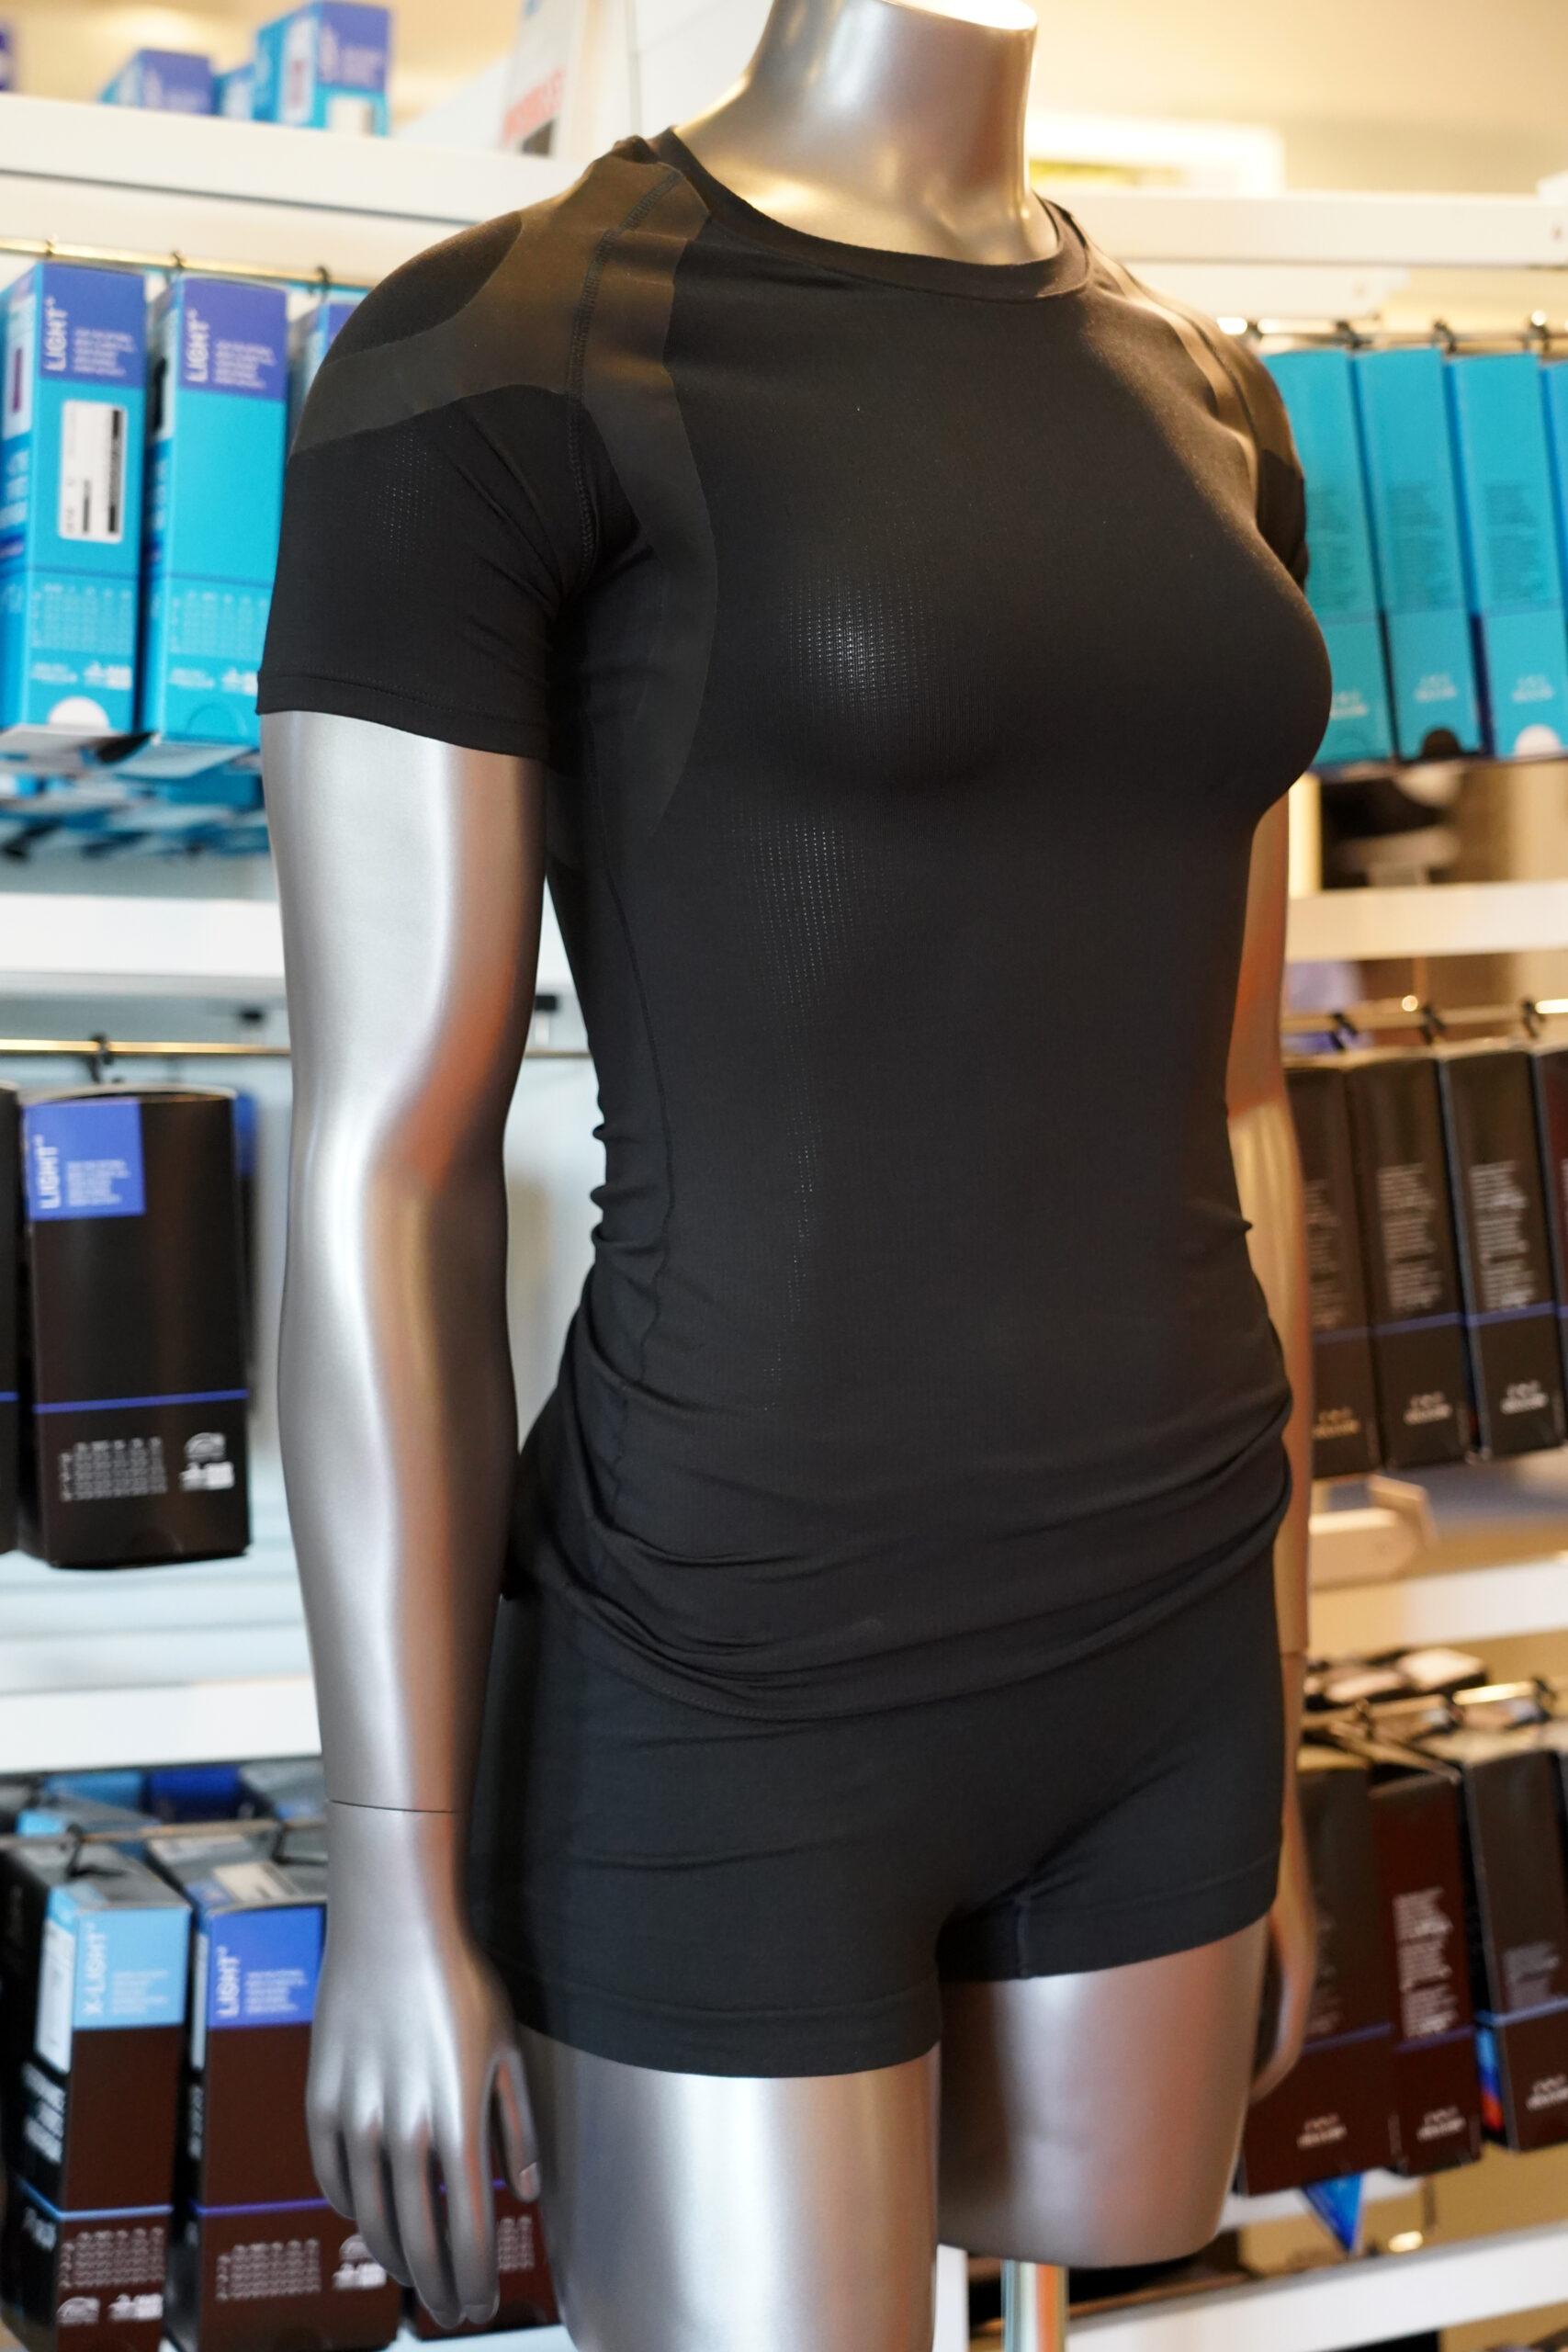 Waarom speciale onderkleding tijdens het sporten?